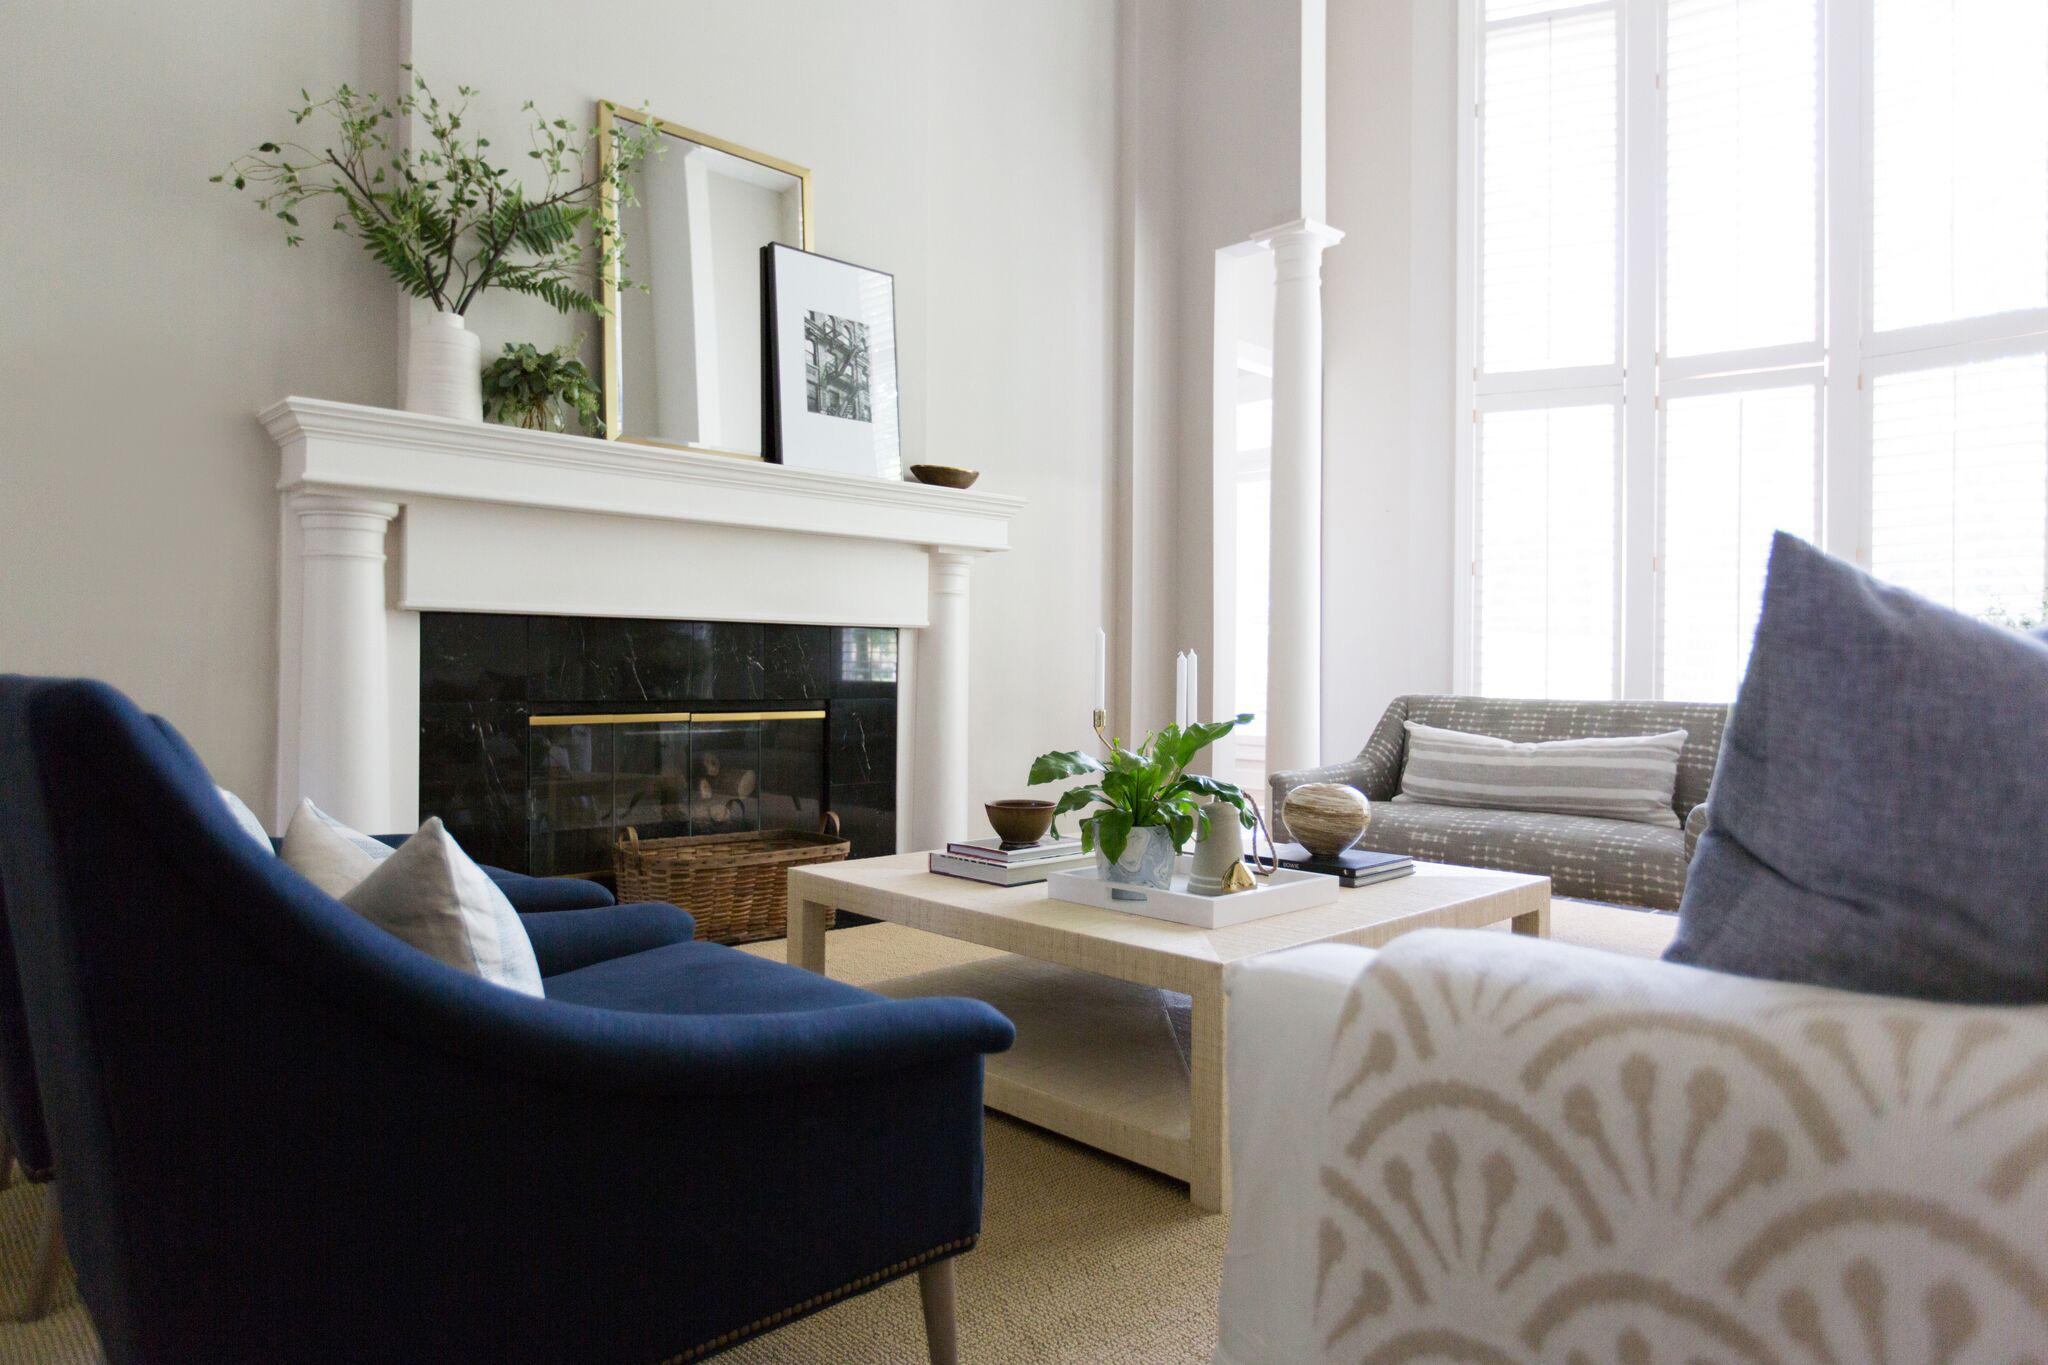 Hallbrook Living | Amanda Steiner Design | Coastal Inspired Living Room